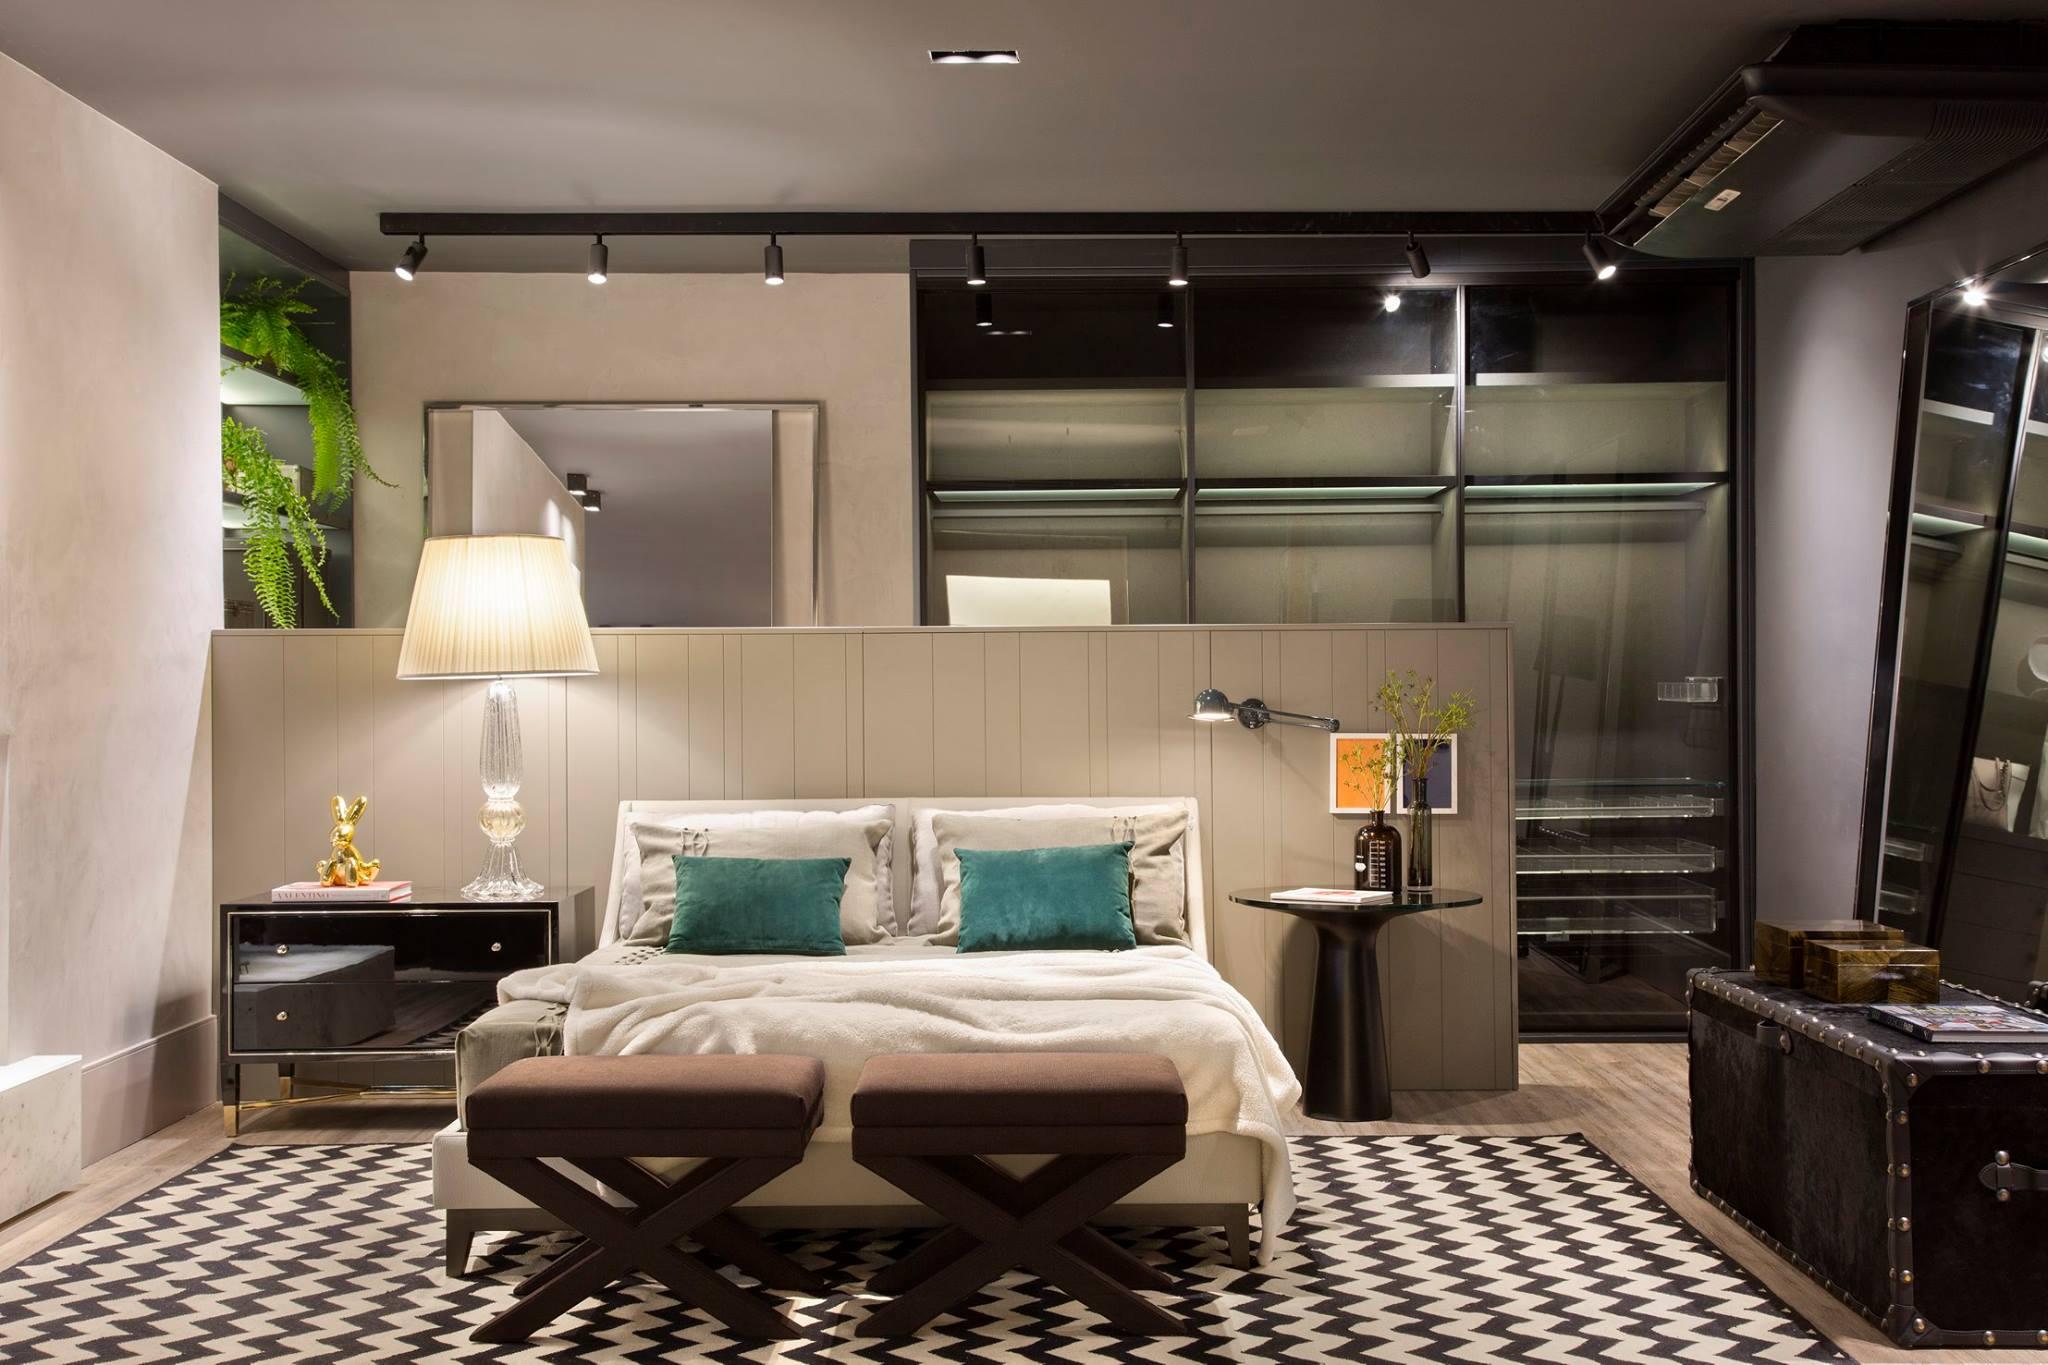 Residência - Designer Ennio Carvalho (2)